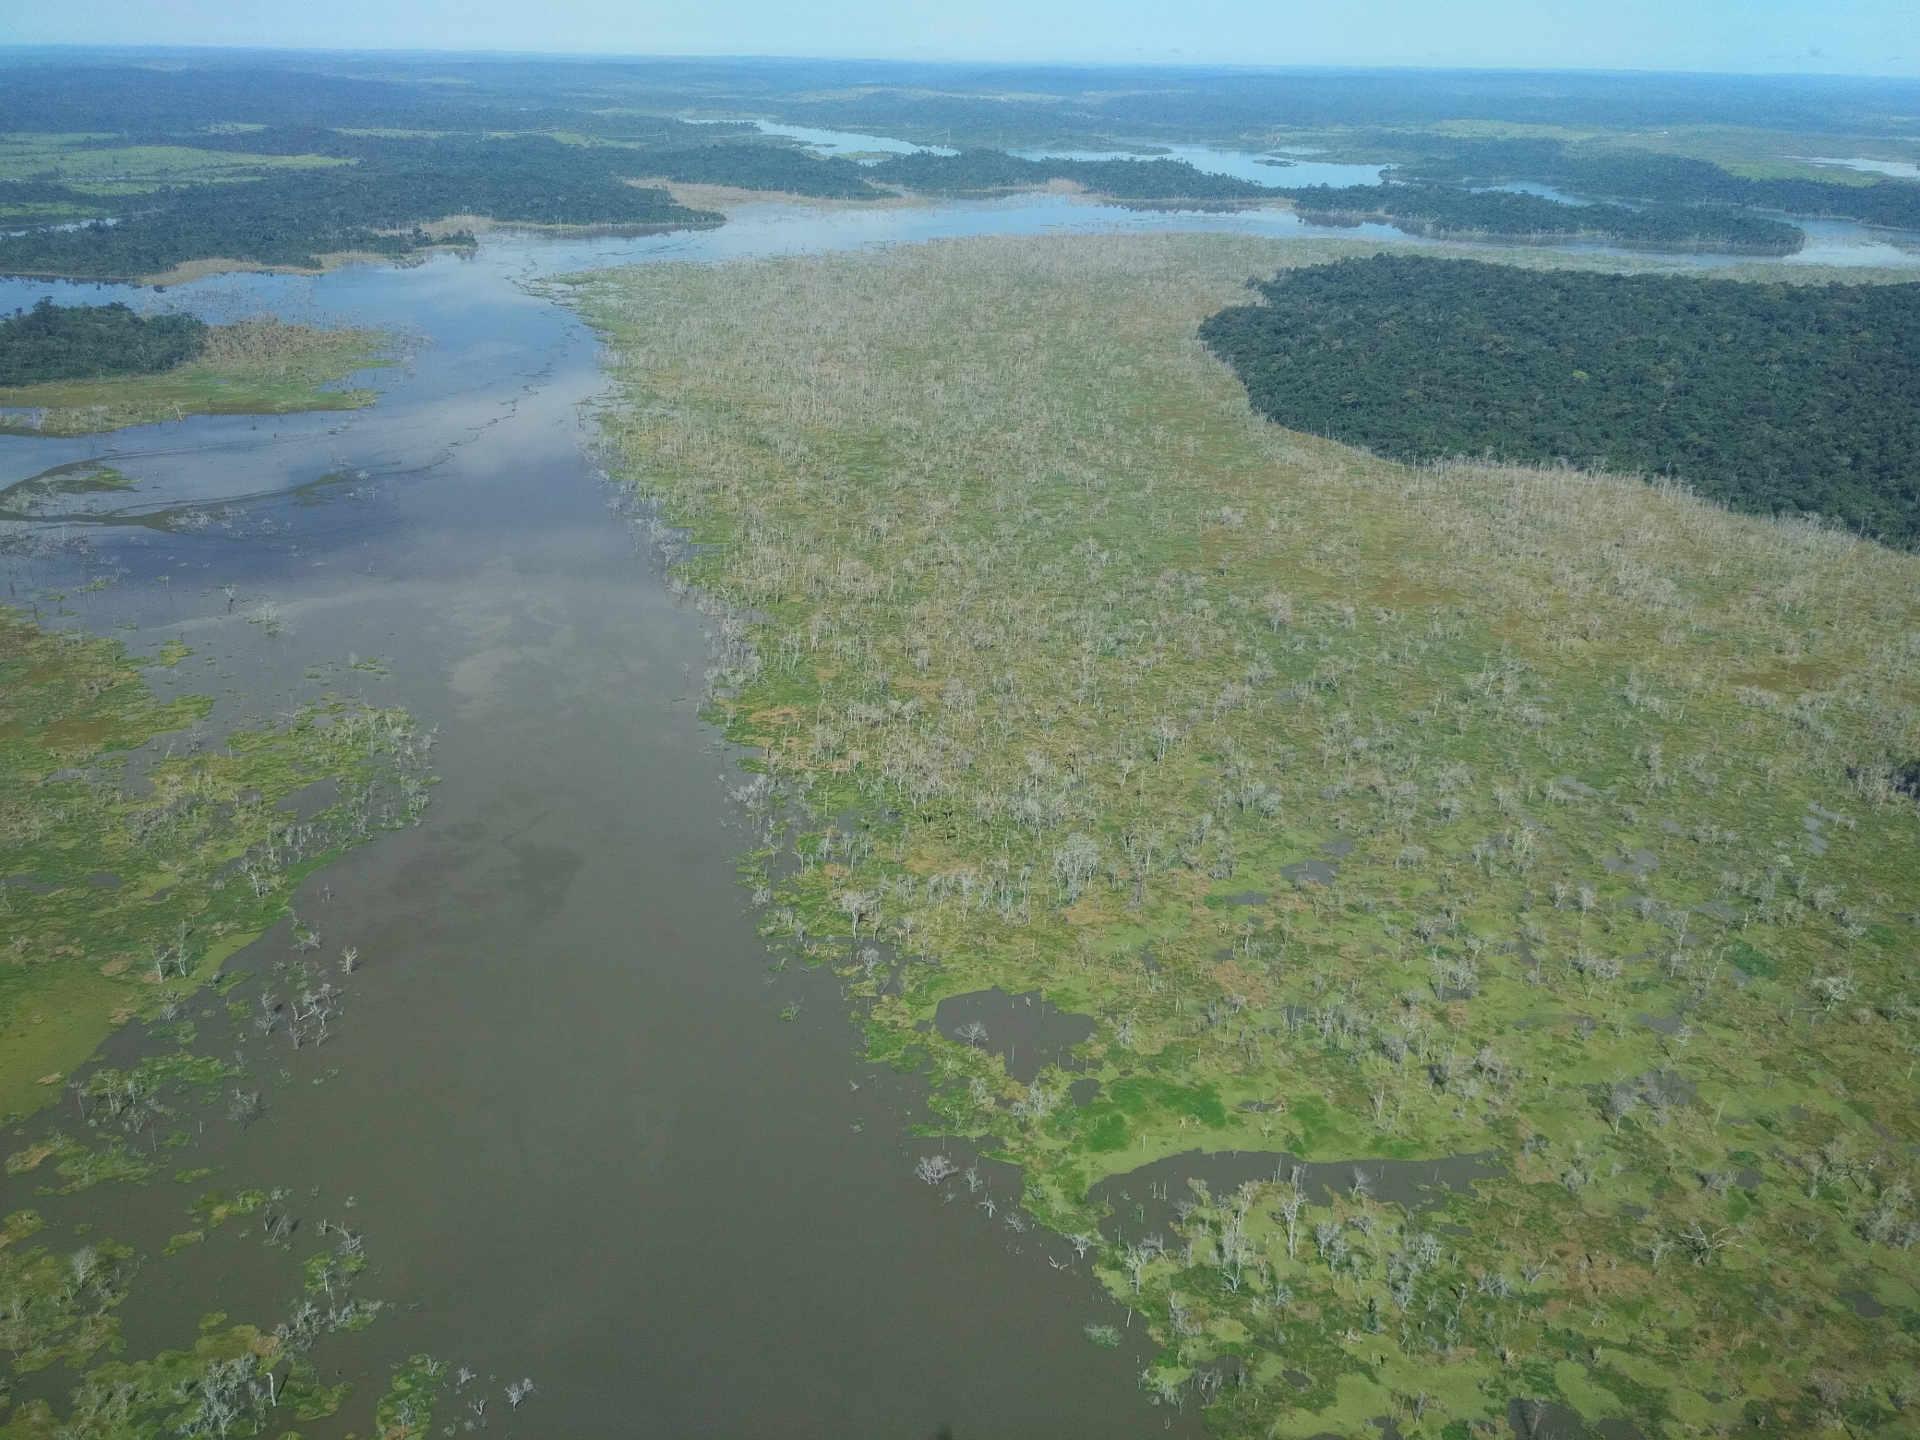 Wasser und Wald am Amazonas, Juruena Nationalpark